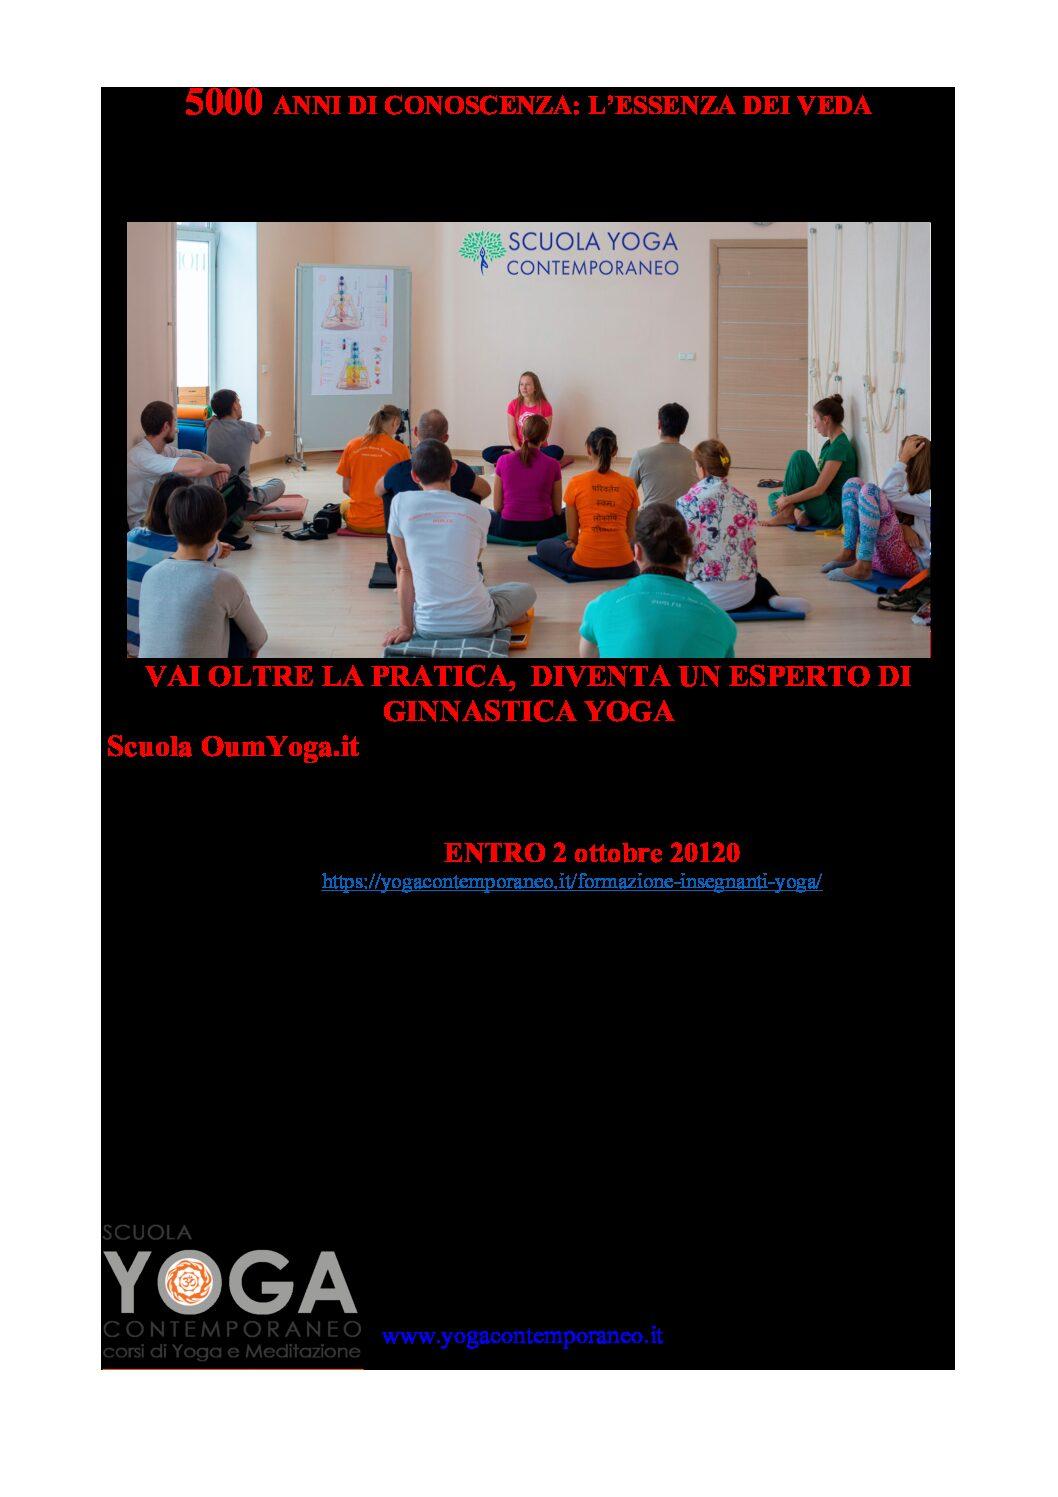 2020-09.21-locandina-fornazione-yoga-CSEN-